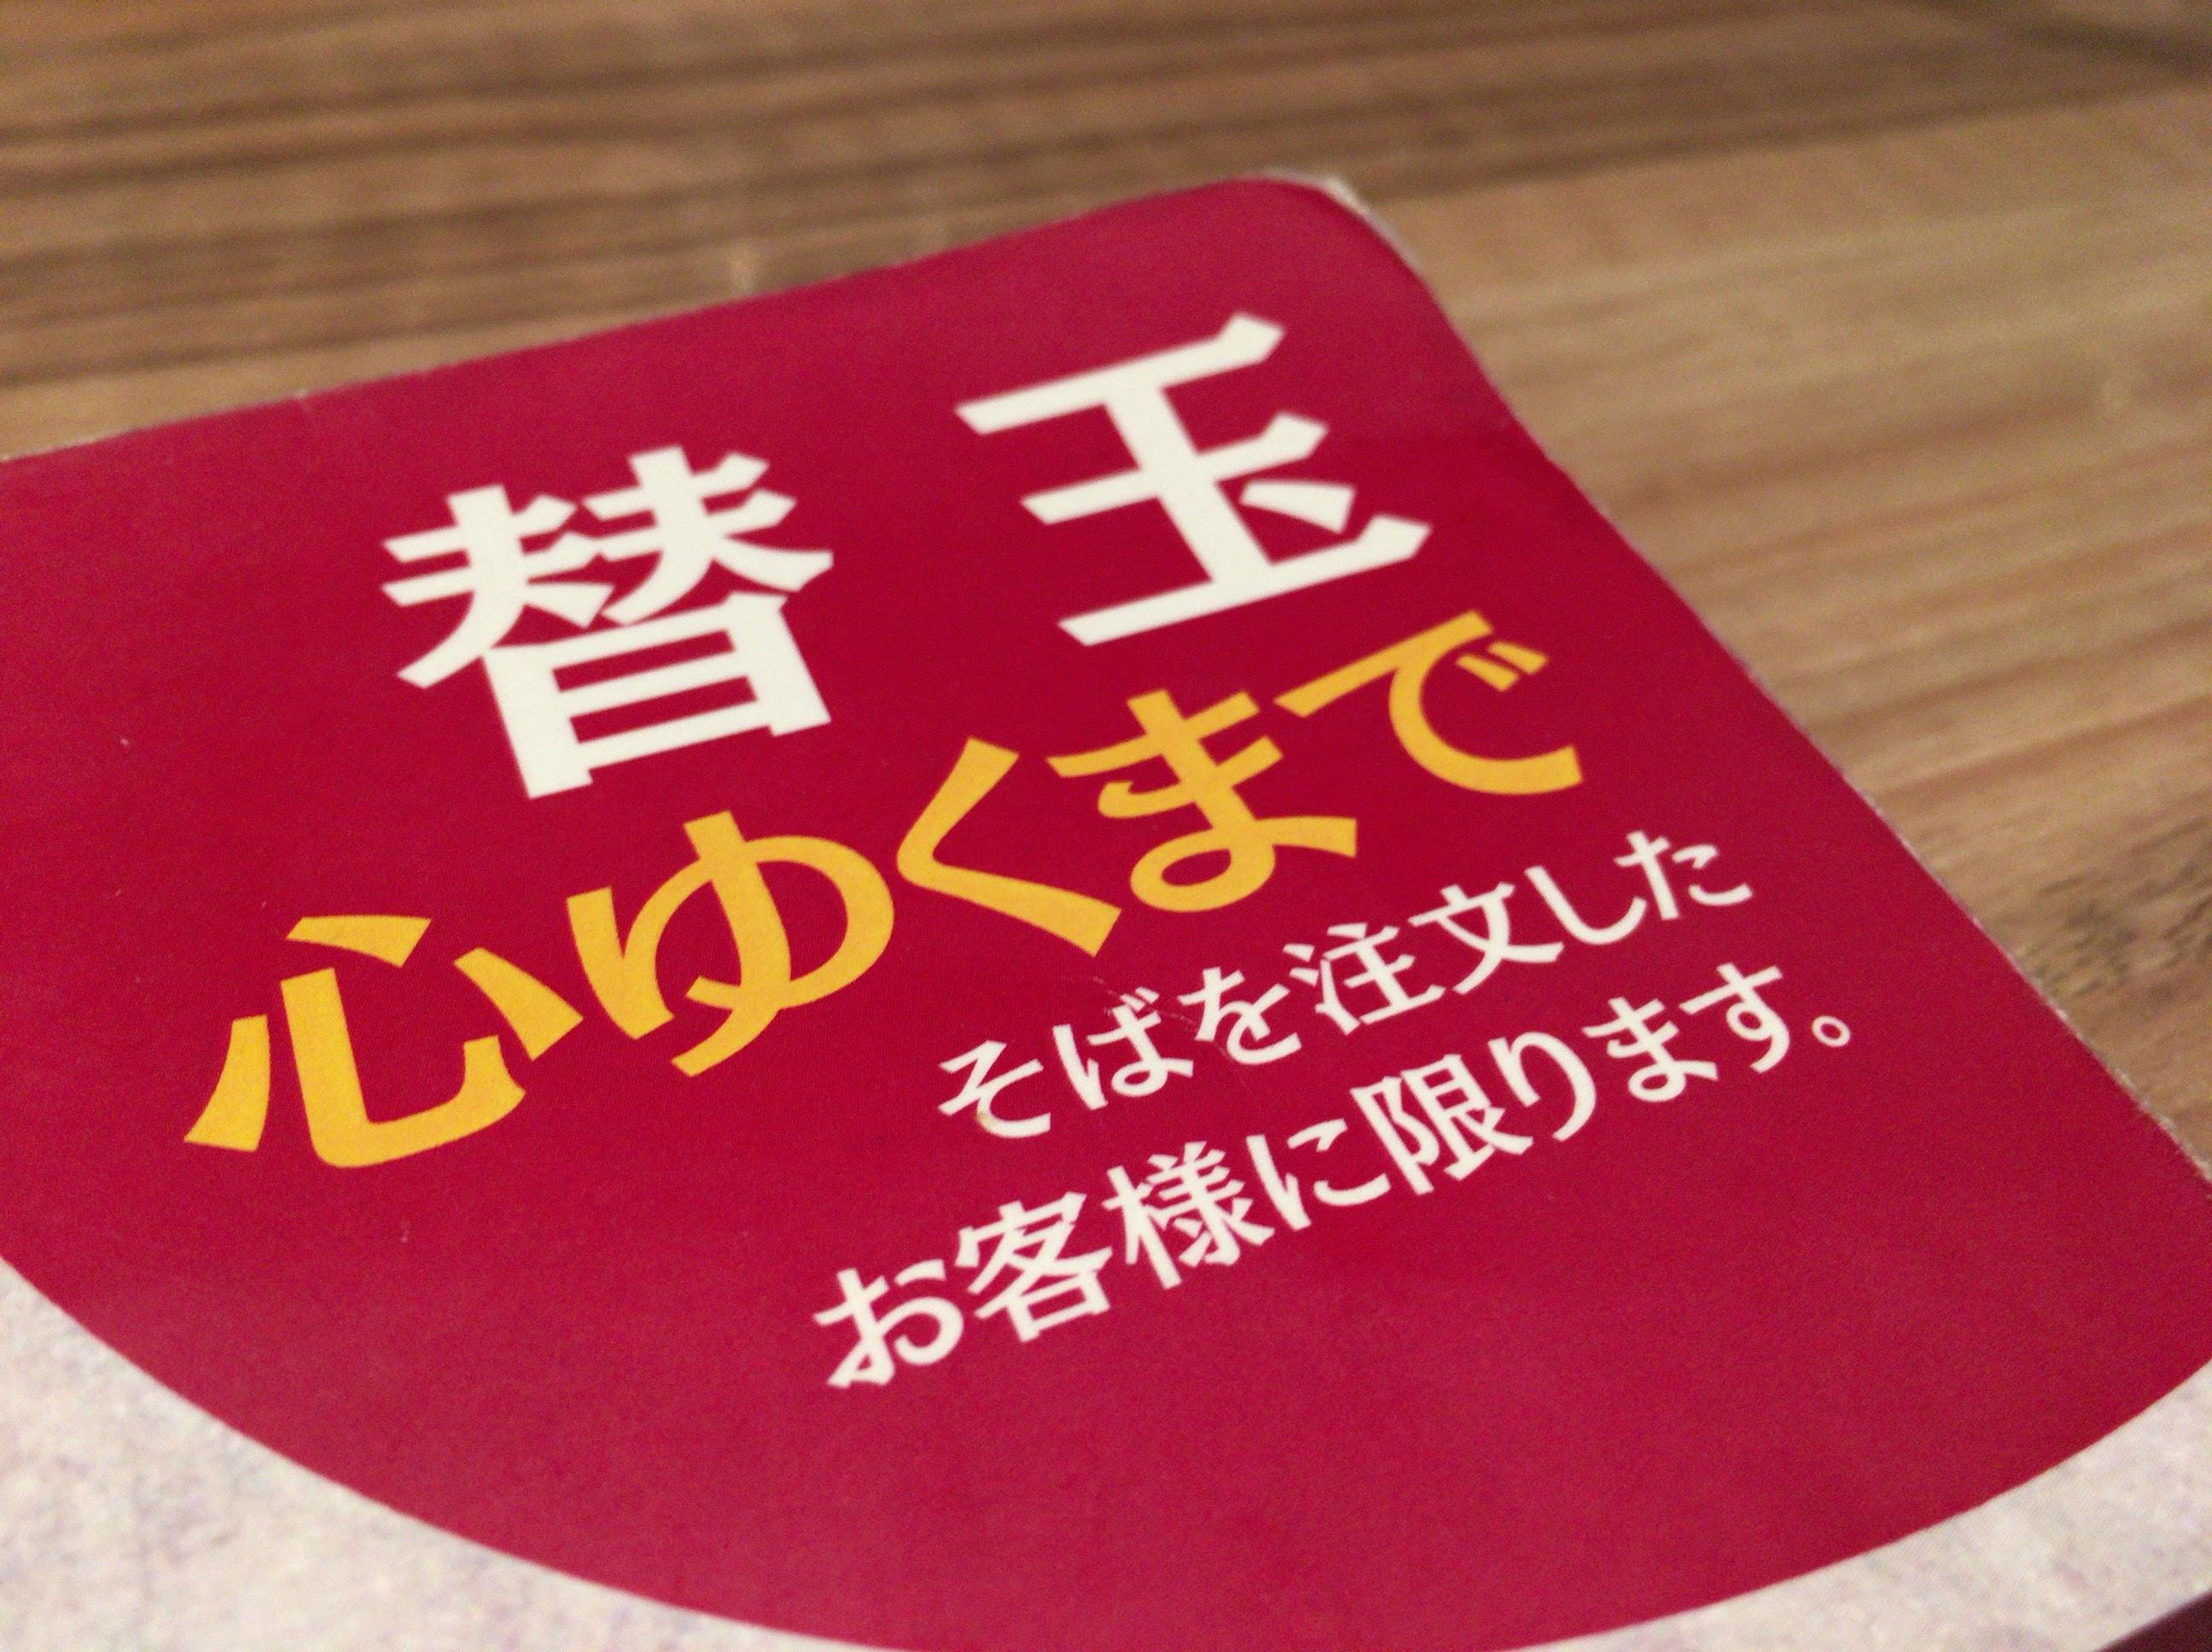 「小豆島ラーメンHISHIO」岡山駅前にて替え玉心ゆくまでの醤油ラーメンを3回続けて堪能。実に心地よいビジネスモデルなお店。